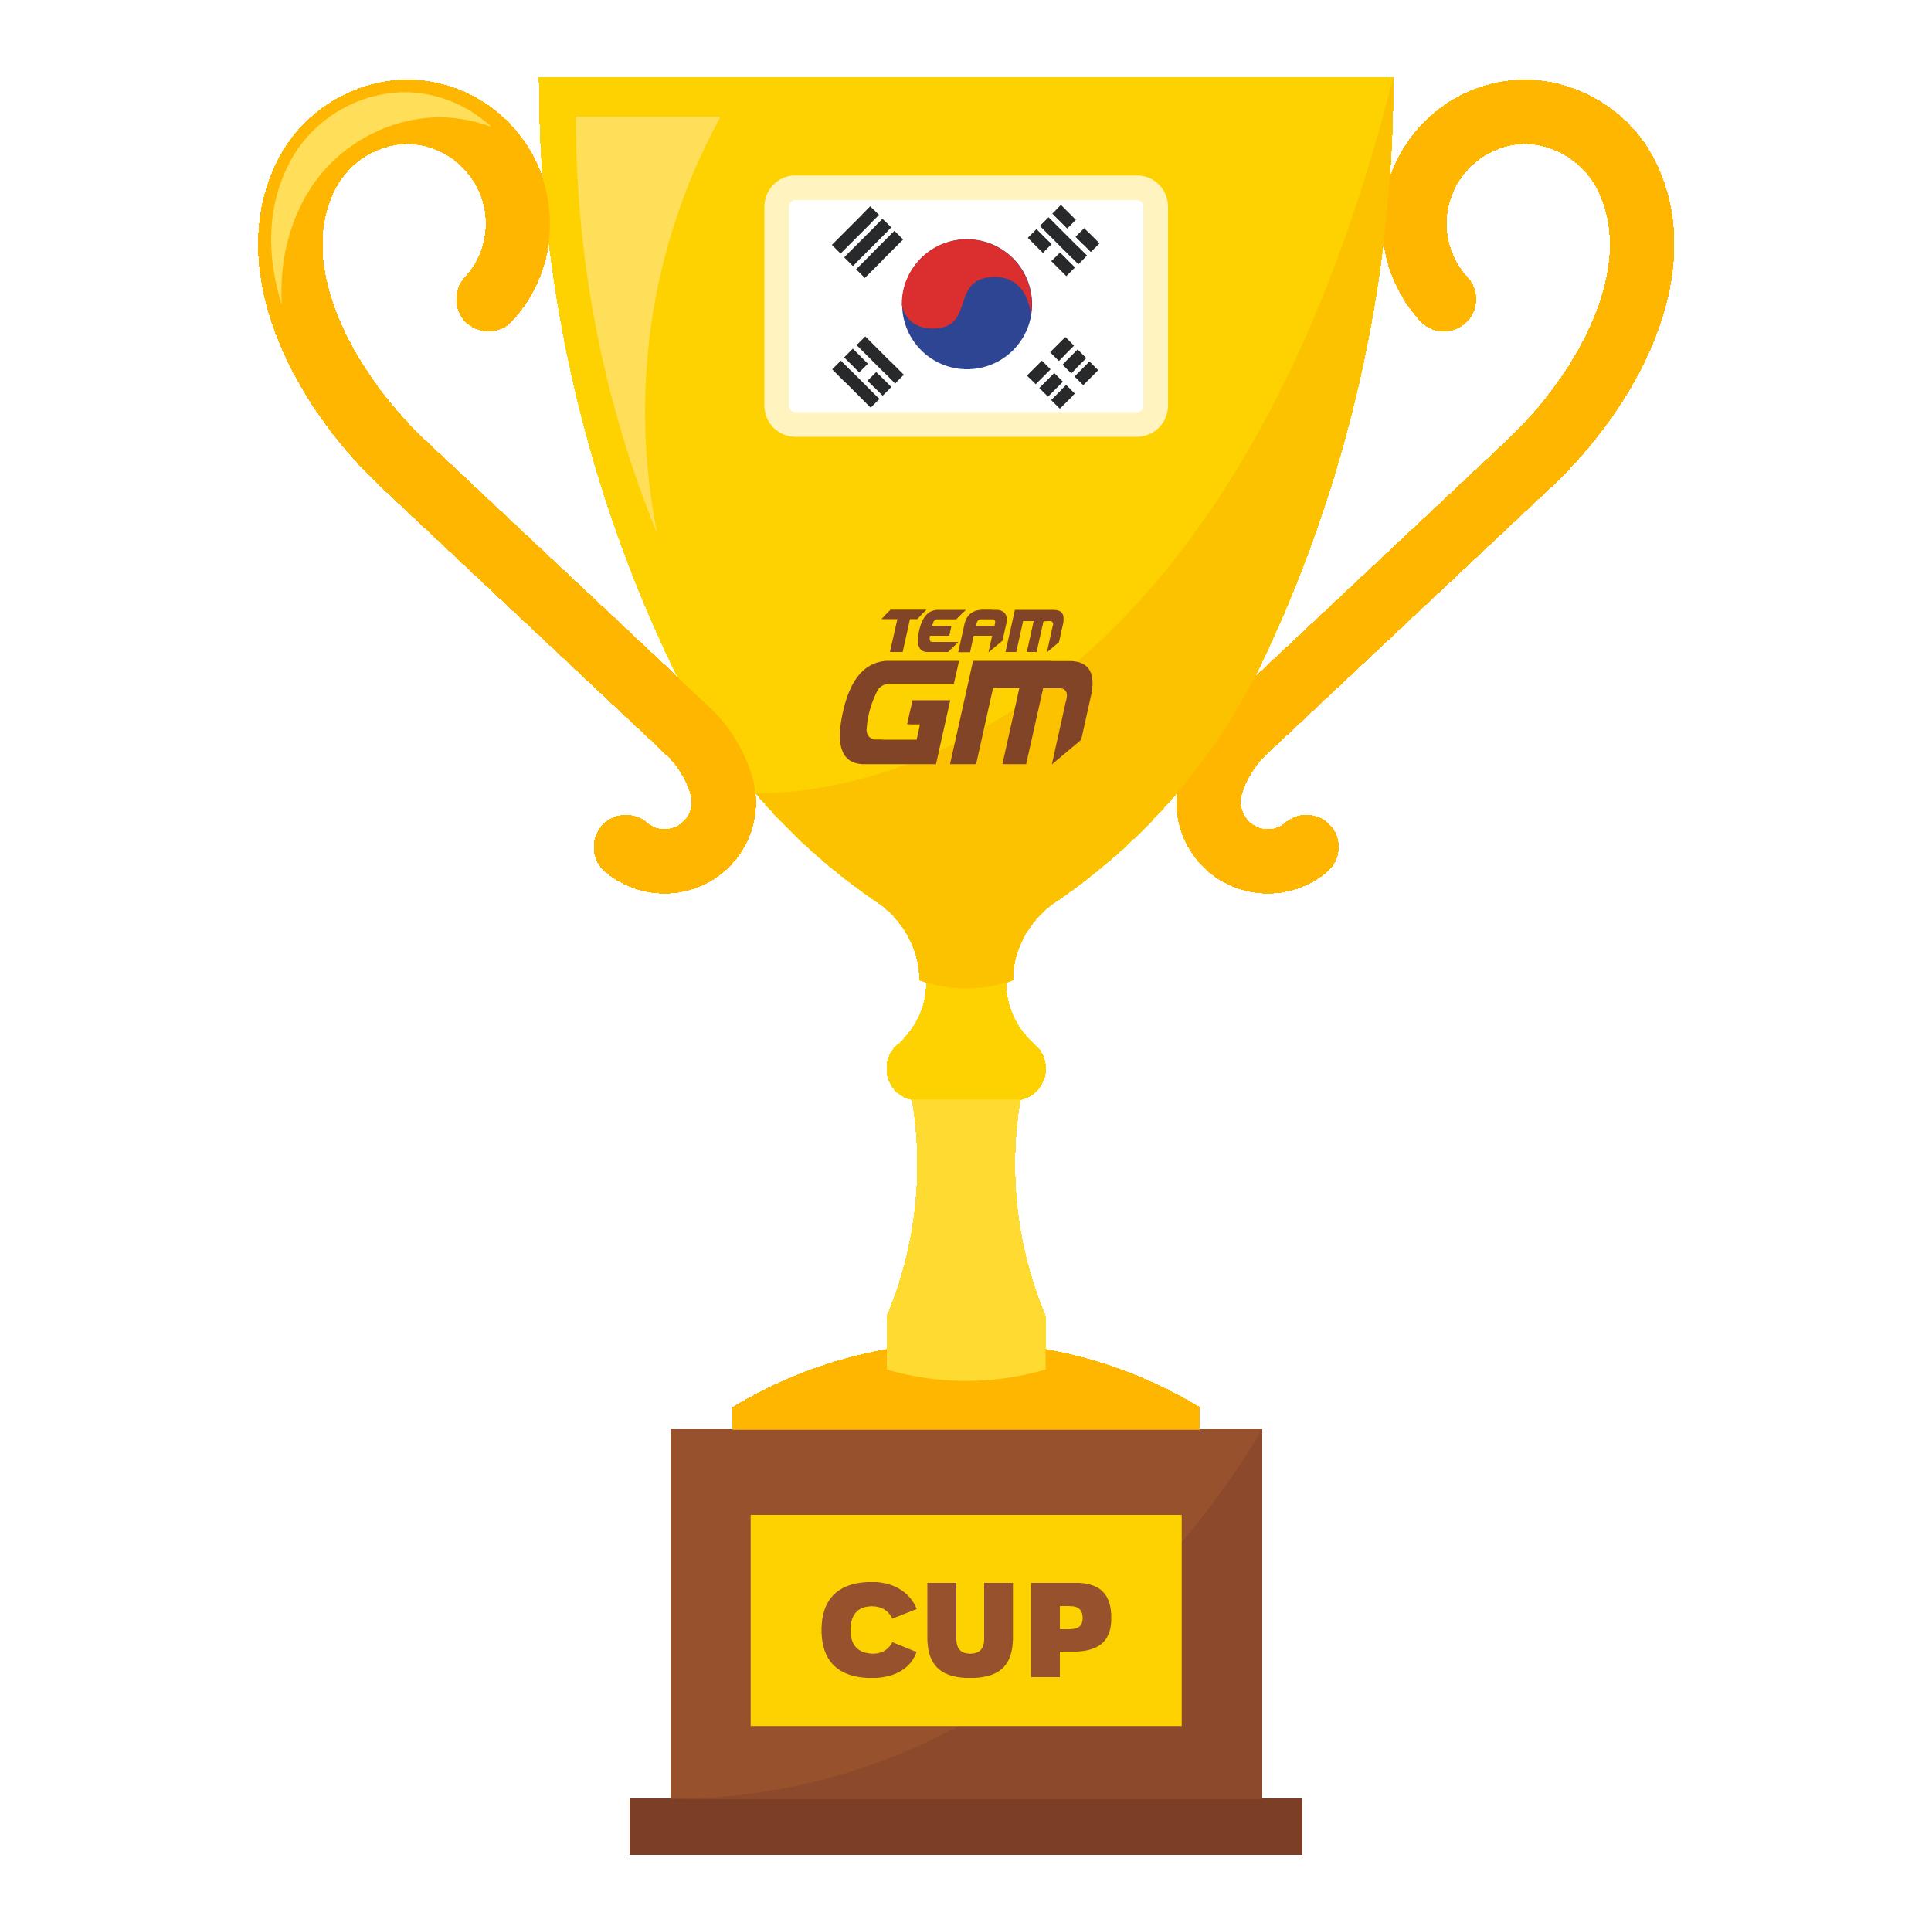 2ND - KOVO CUP